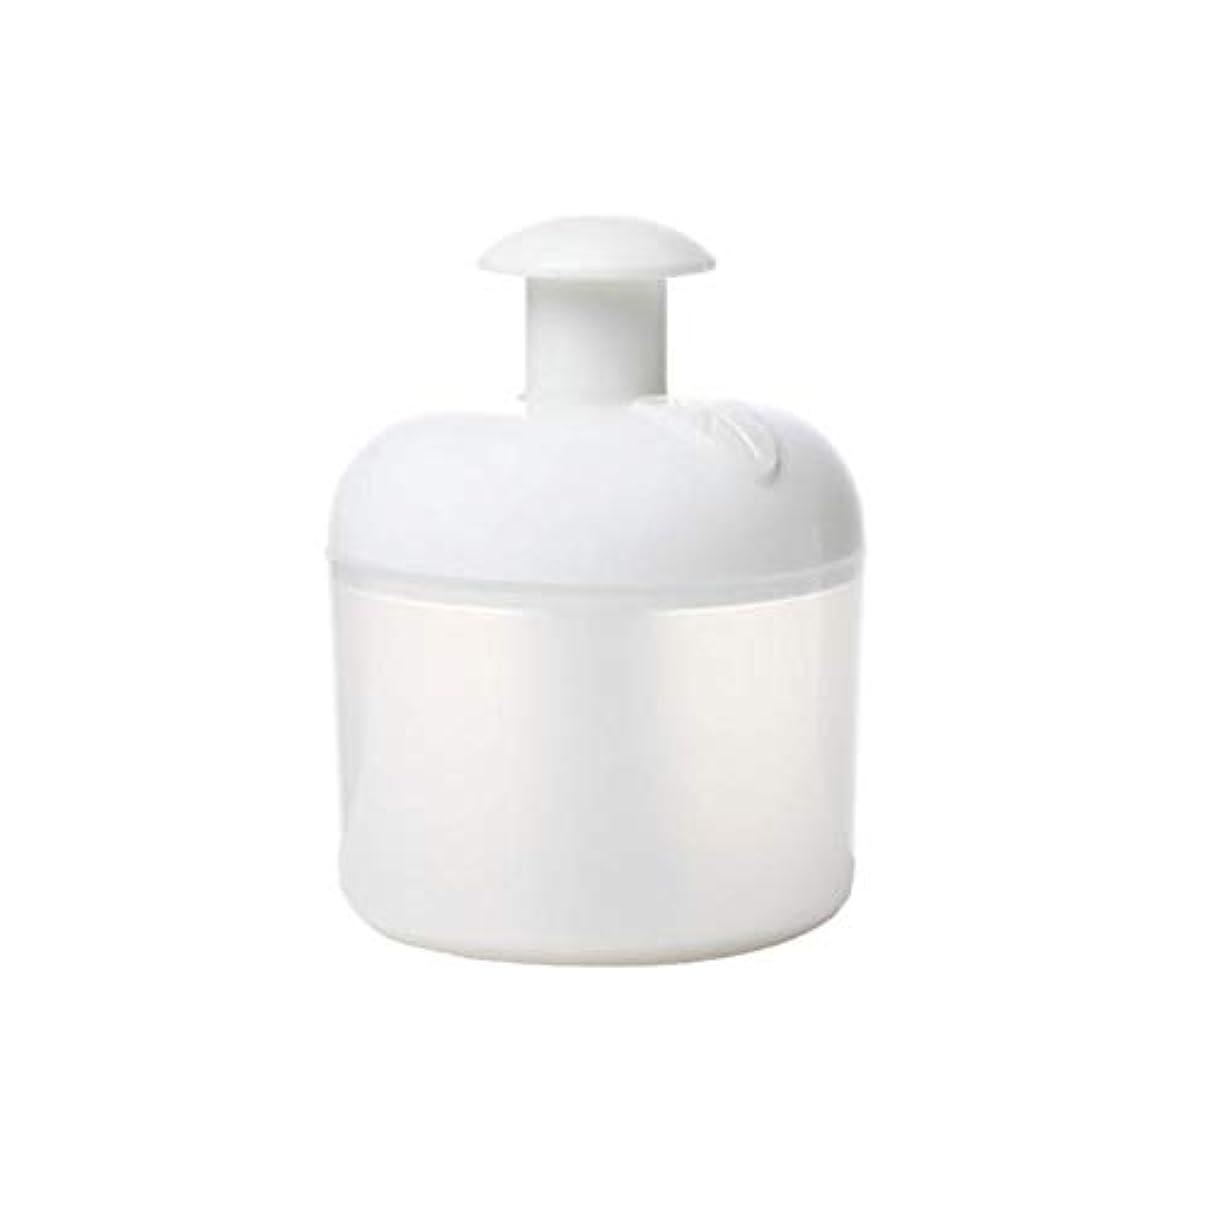 背の高いマカダムにじみ出るマイクロバブルフォーマー - Dewin 洗顔泡立て器 洗顔ネット マイクロホイッパー クリーンツール 7倍の濃厚なバブル 美容グッズ